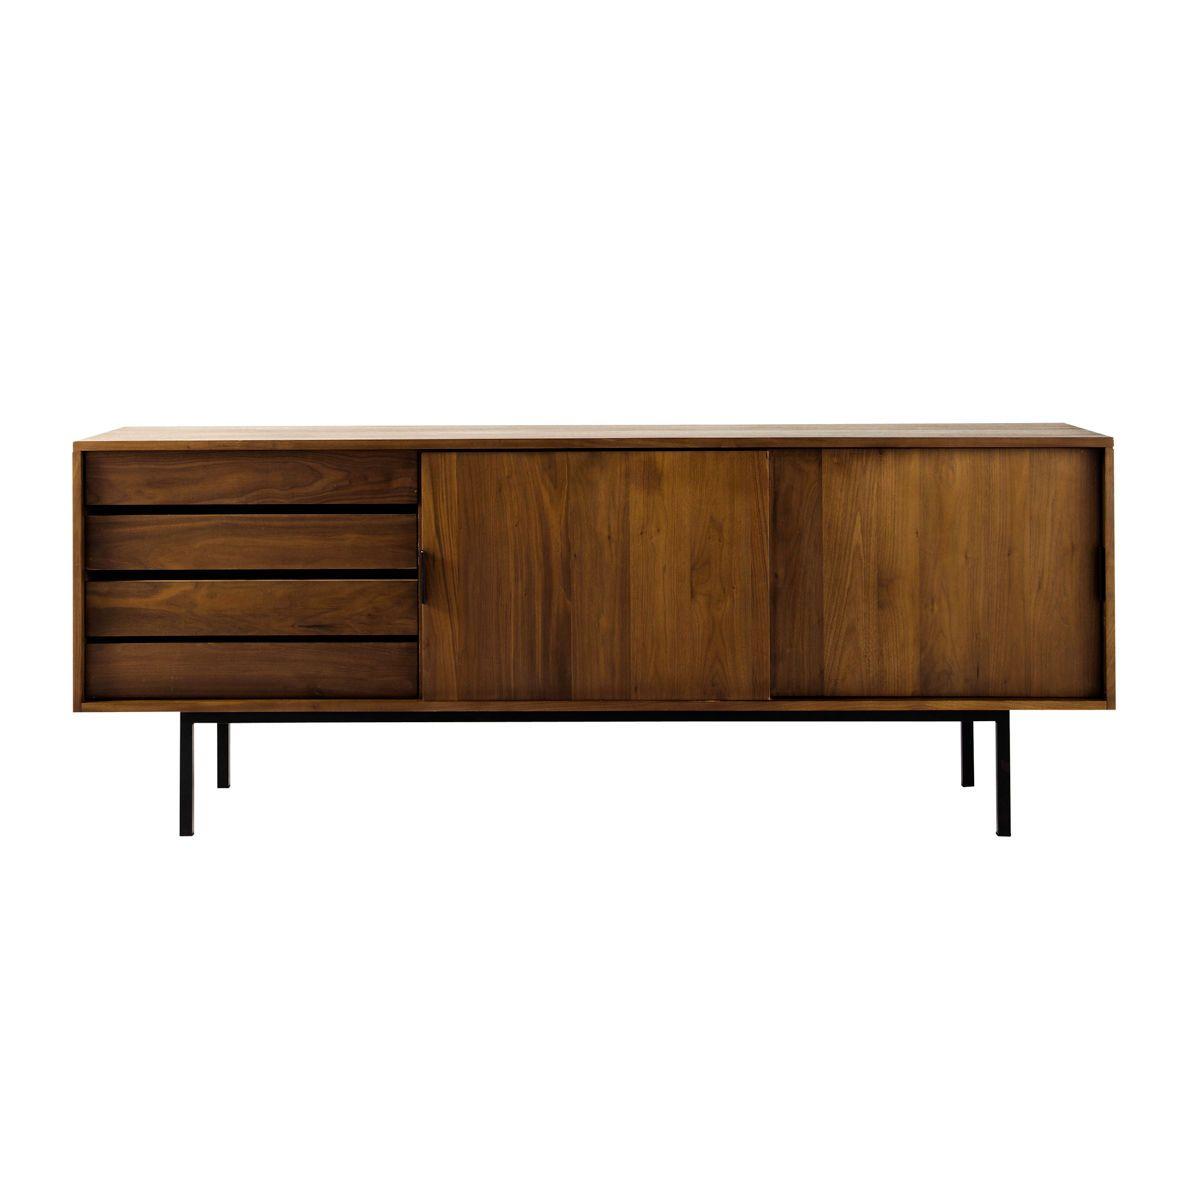 Einfaches wohnmöbel design anrichte aus massivem nussbaum  home ideas  pinterest  sideboard